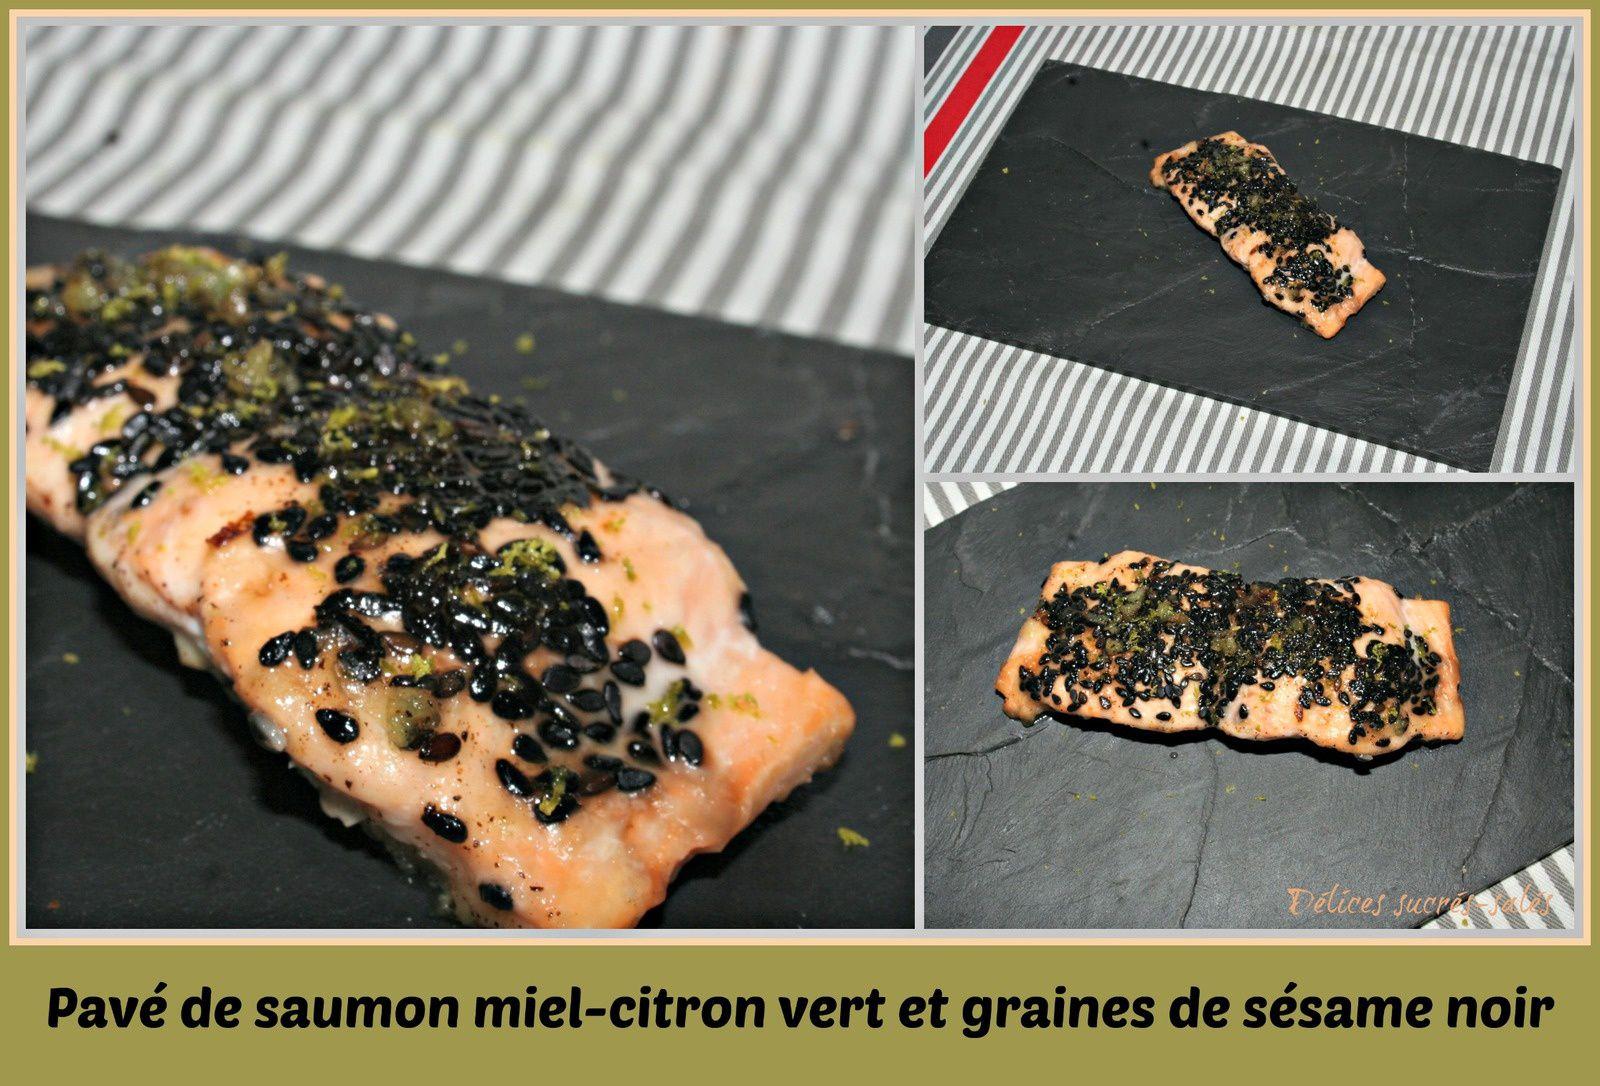 Pavé de saumon miel-citron vert et graines de sésame noir